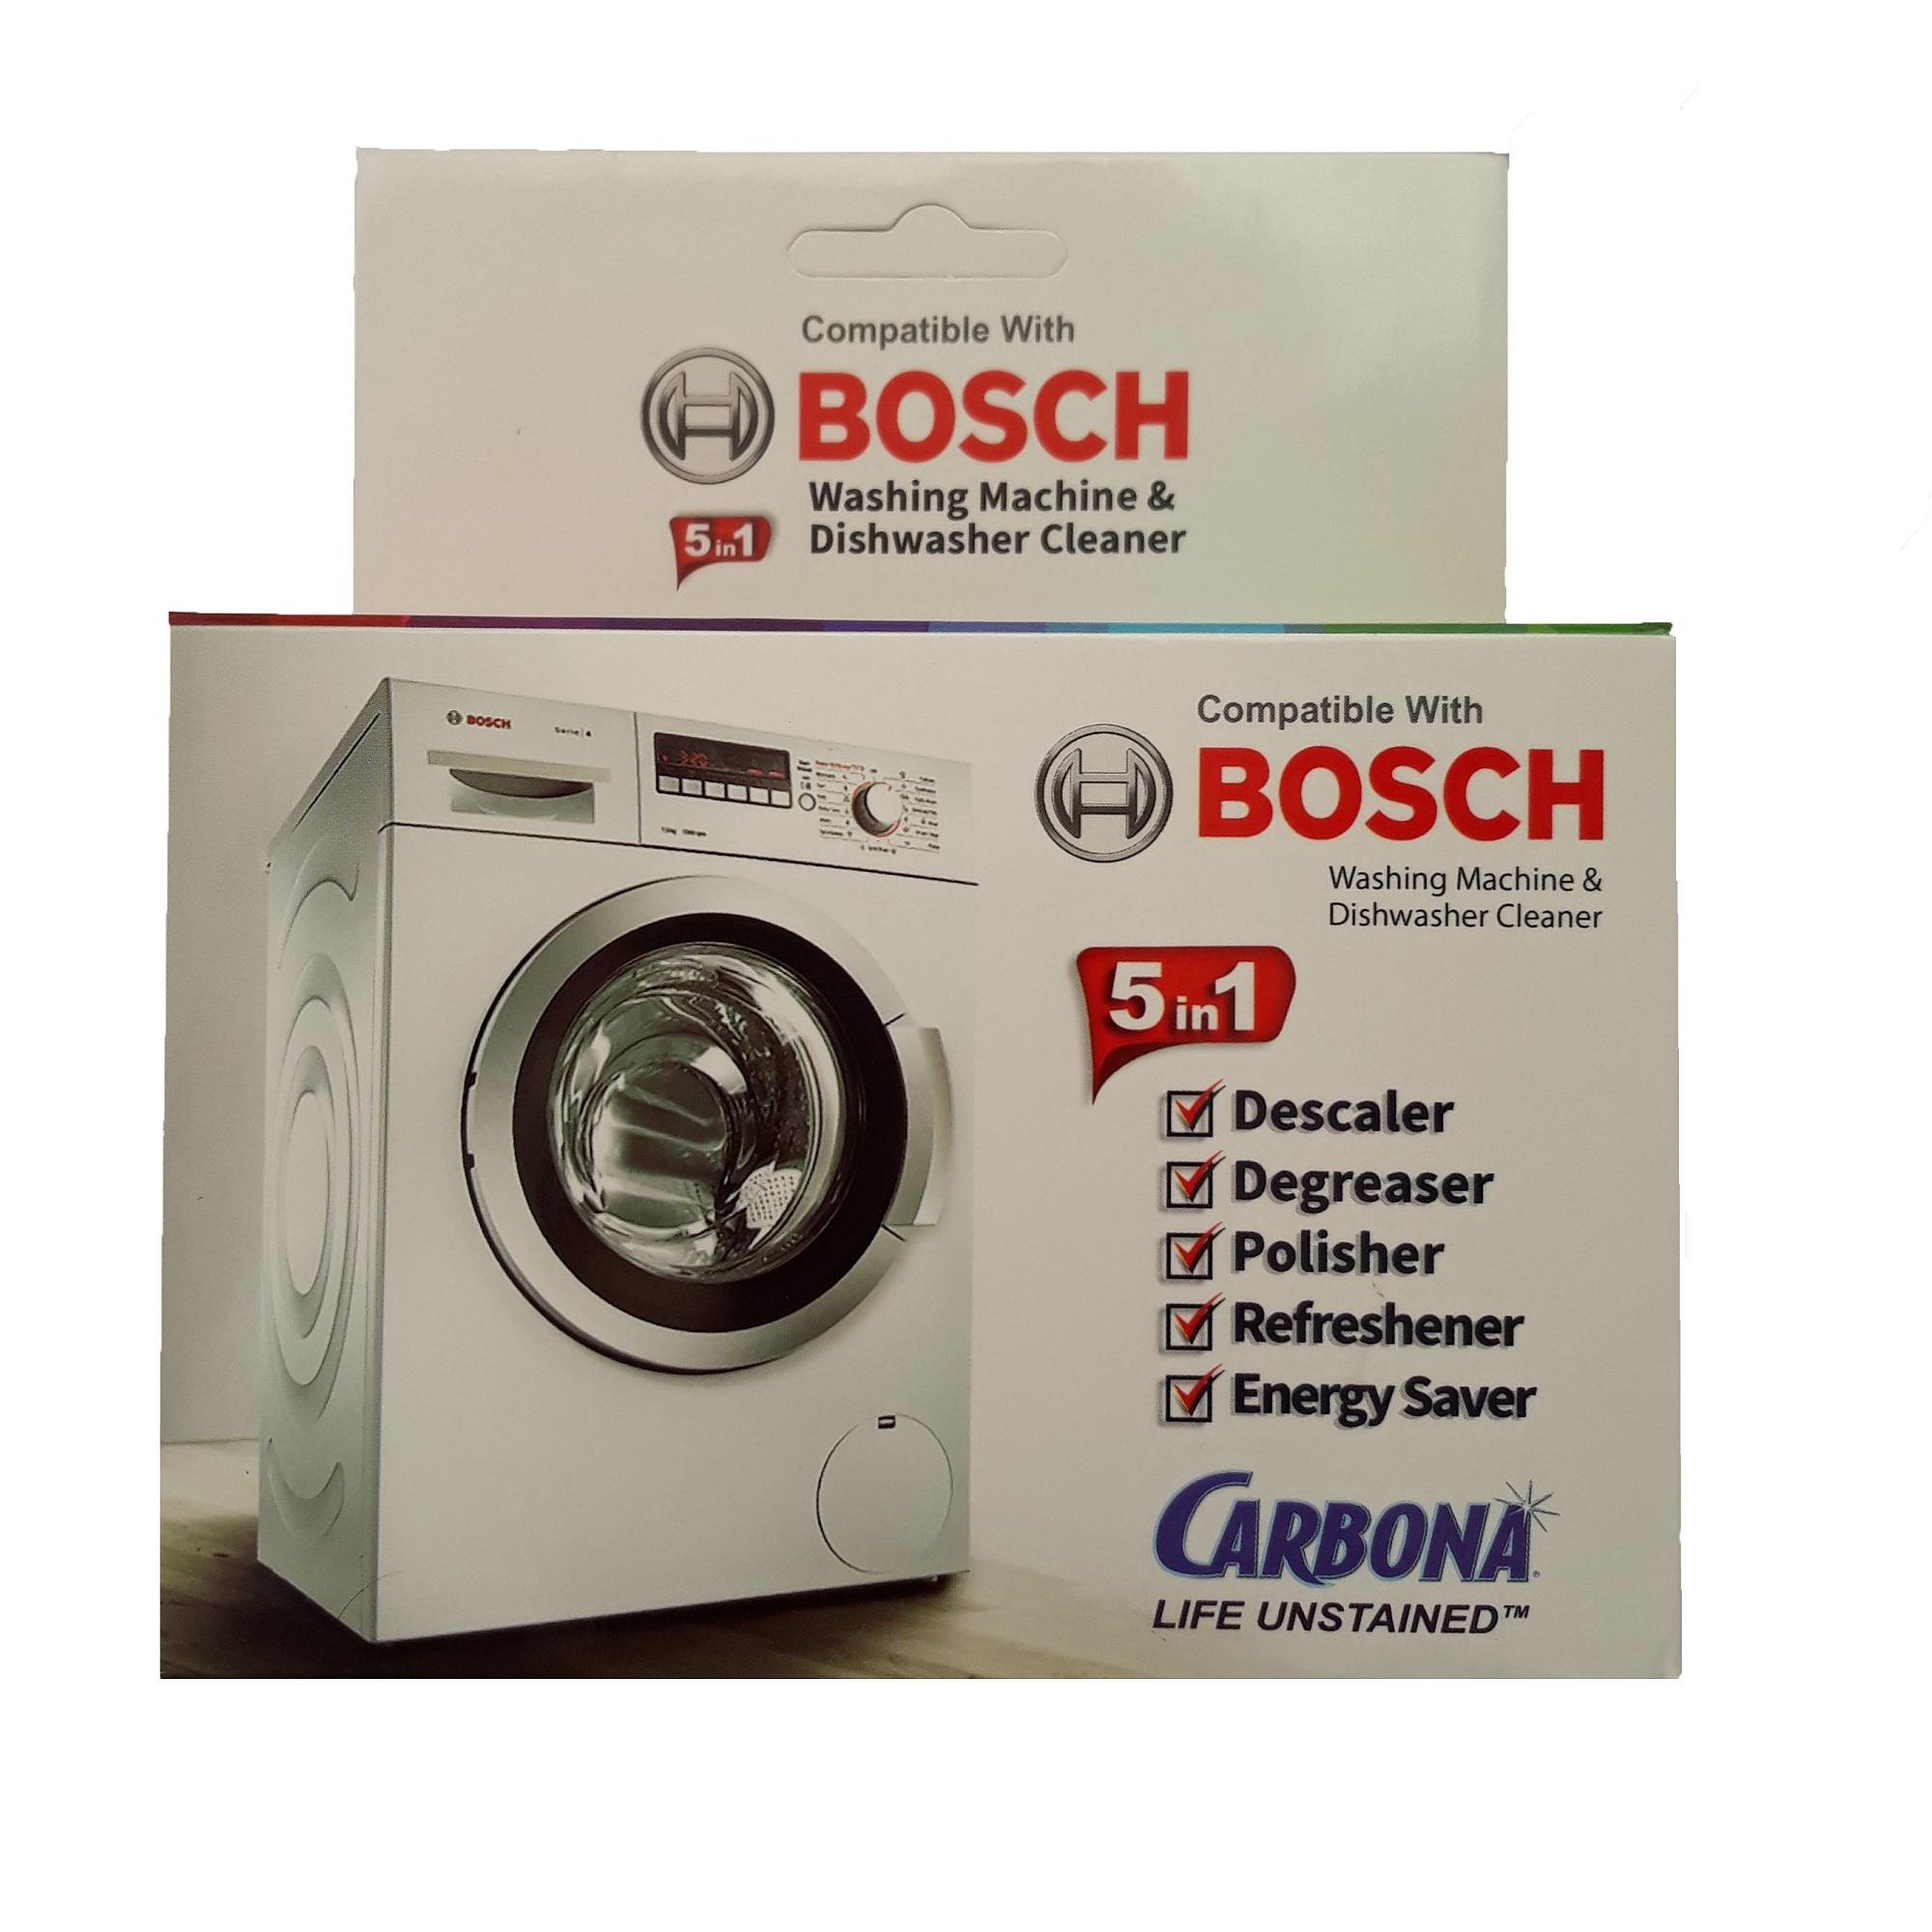 جرم گیر ماشین لباسشویی و ظرفشویی کاربونا مدل 9003 بسته 5 عددی